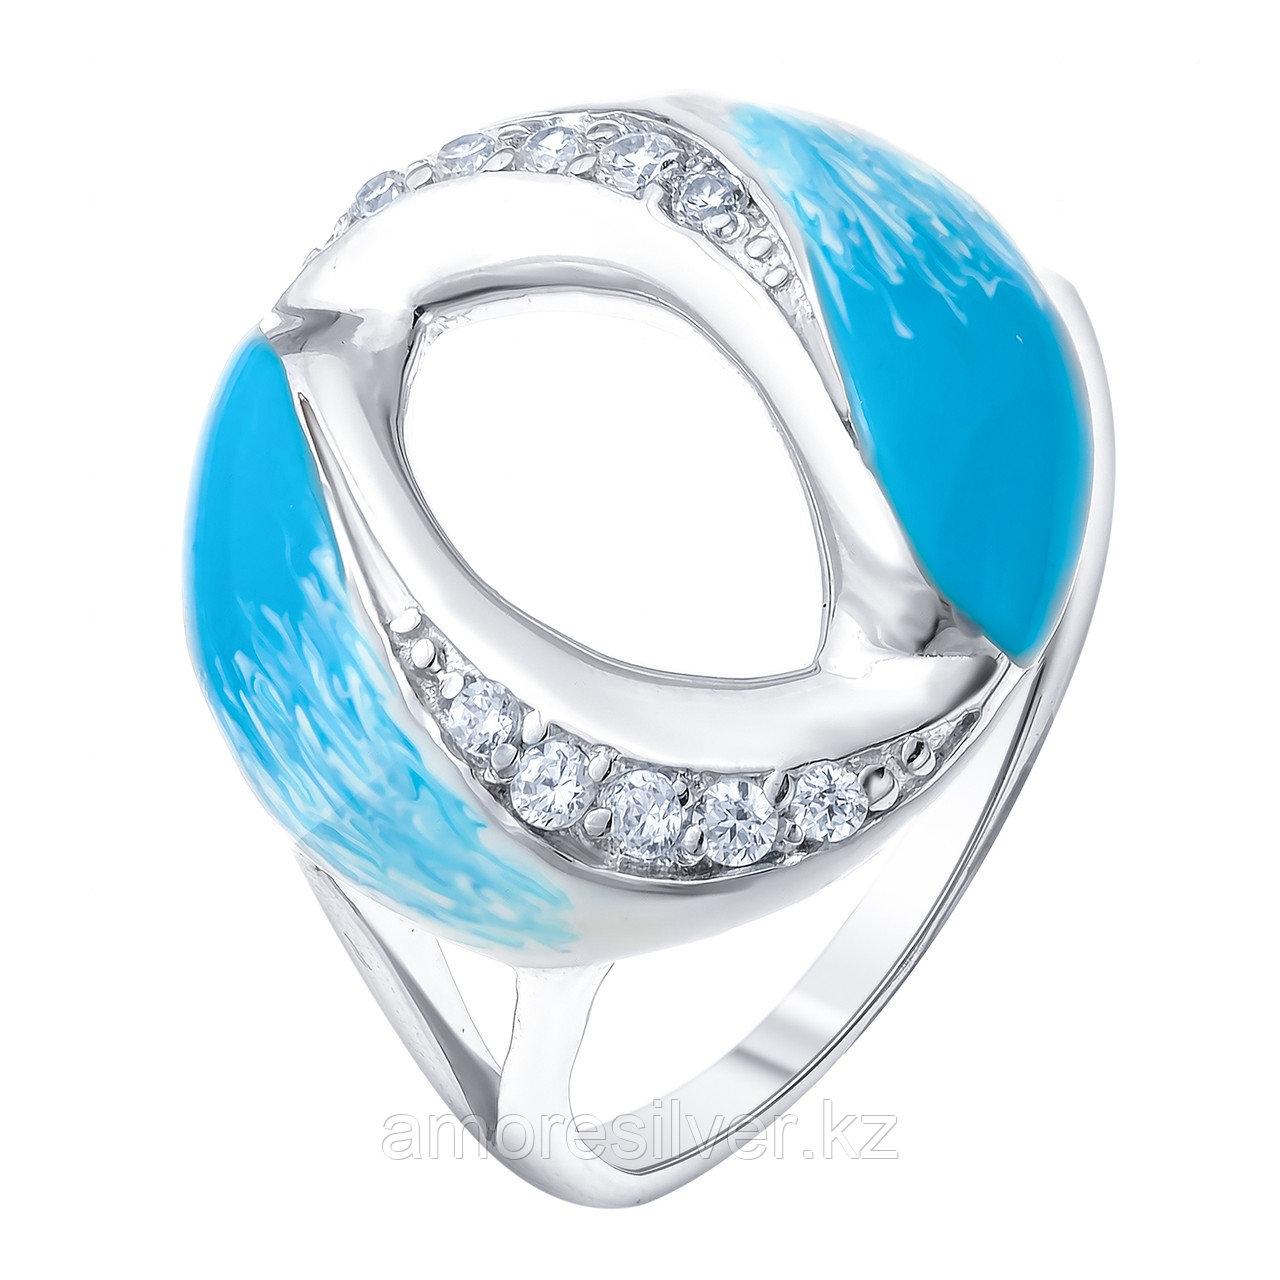 Серебряное кольцо с фианитом   Teosa R1331-CZS-RR-SW размеры - 16,5 17 17,5 18